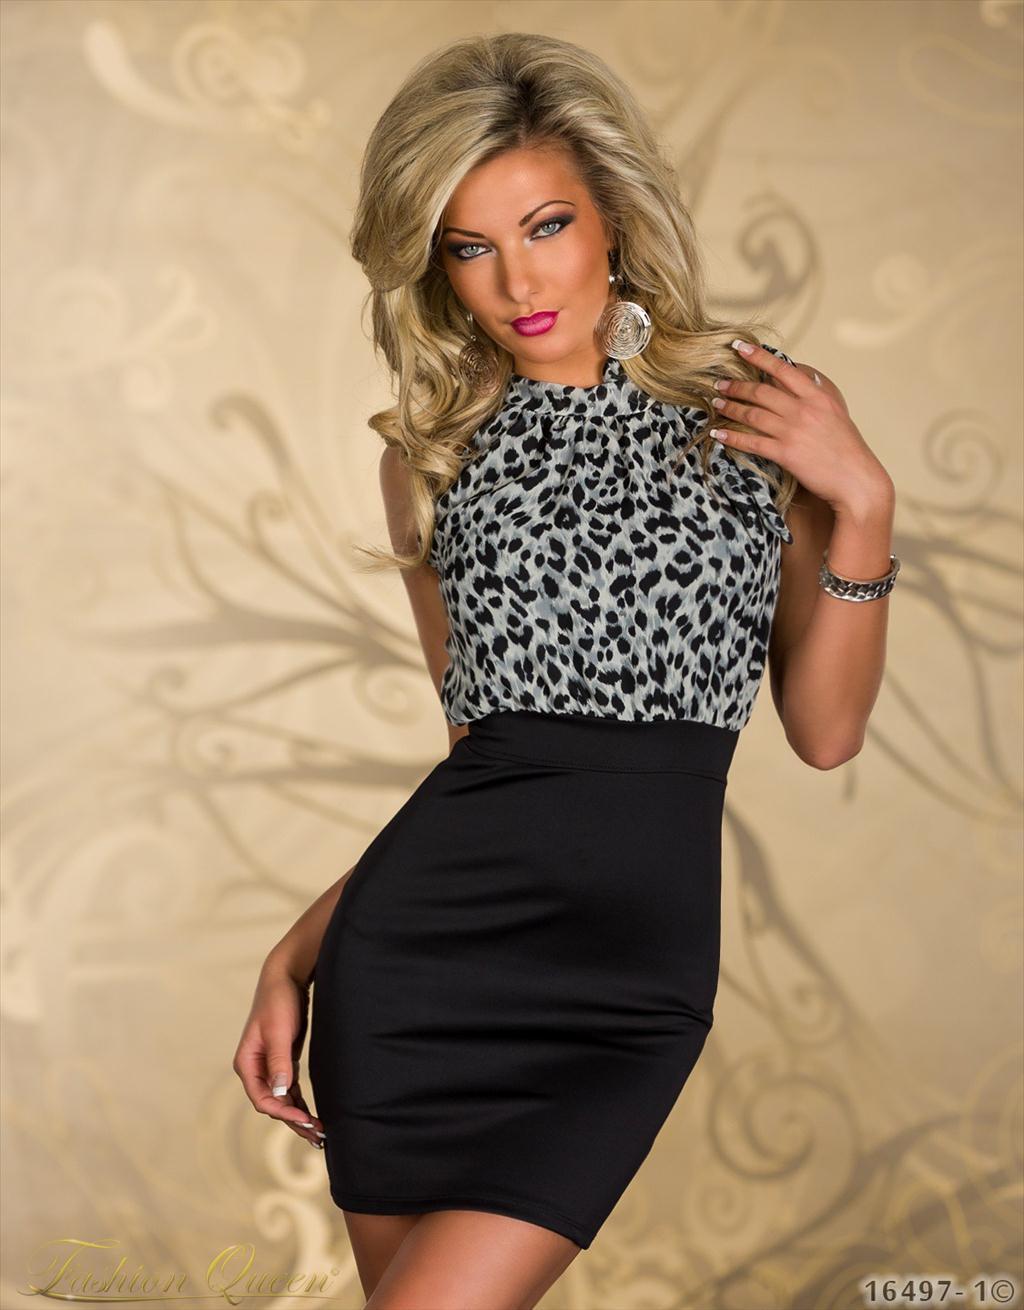 00c7ac605 Fashion Queen - Dámske oblečenie a móda - Leopardie šaty